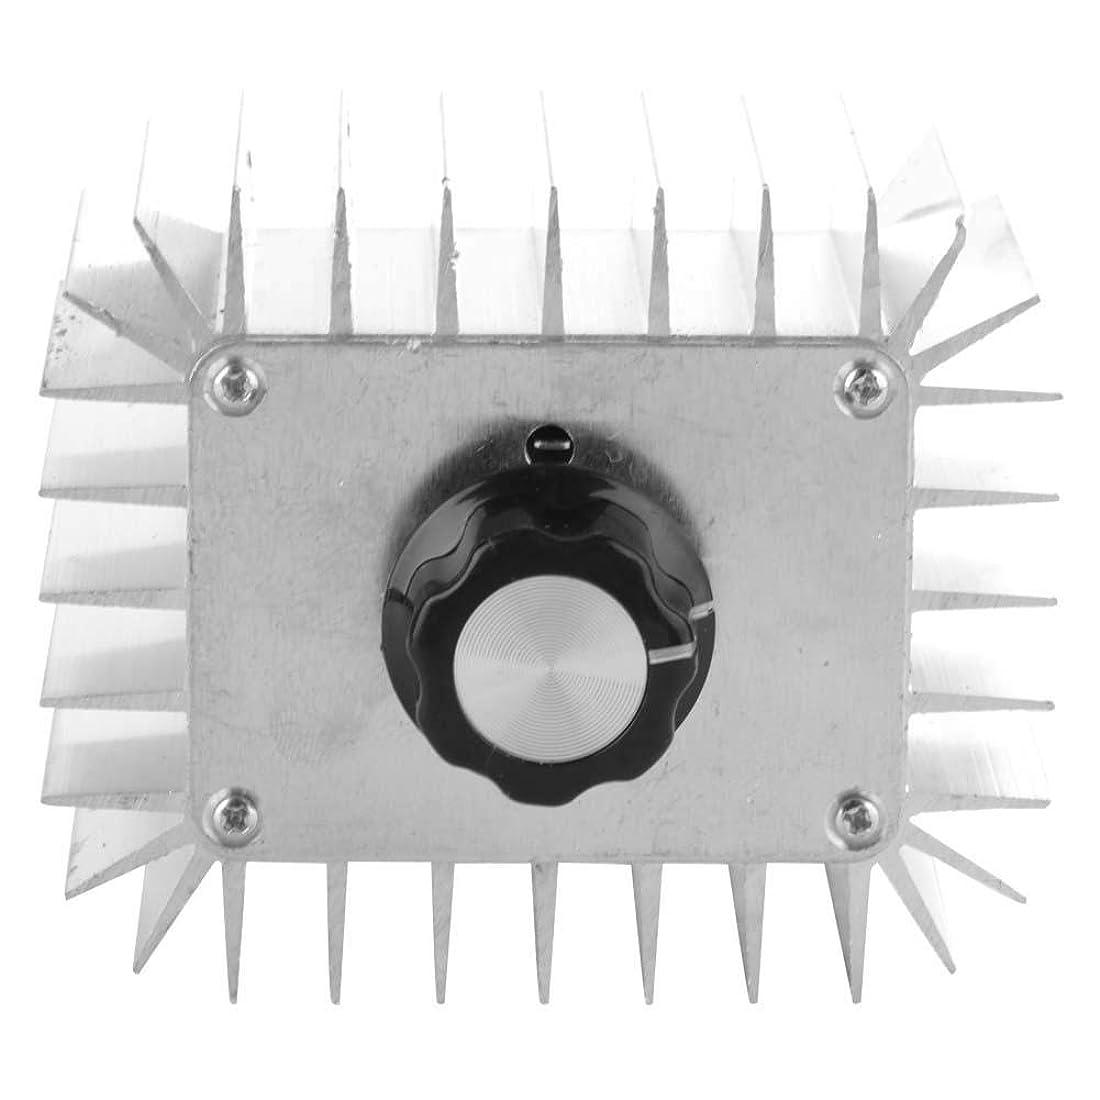 帝国主義勝者すすり泣きAC 220V 5000W高出力SCR電圧レギュレーター調整可能なモーター速度コントローラー電子調光調整温度調節モジュール